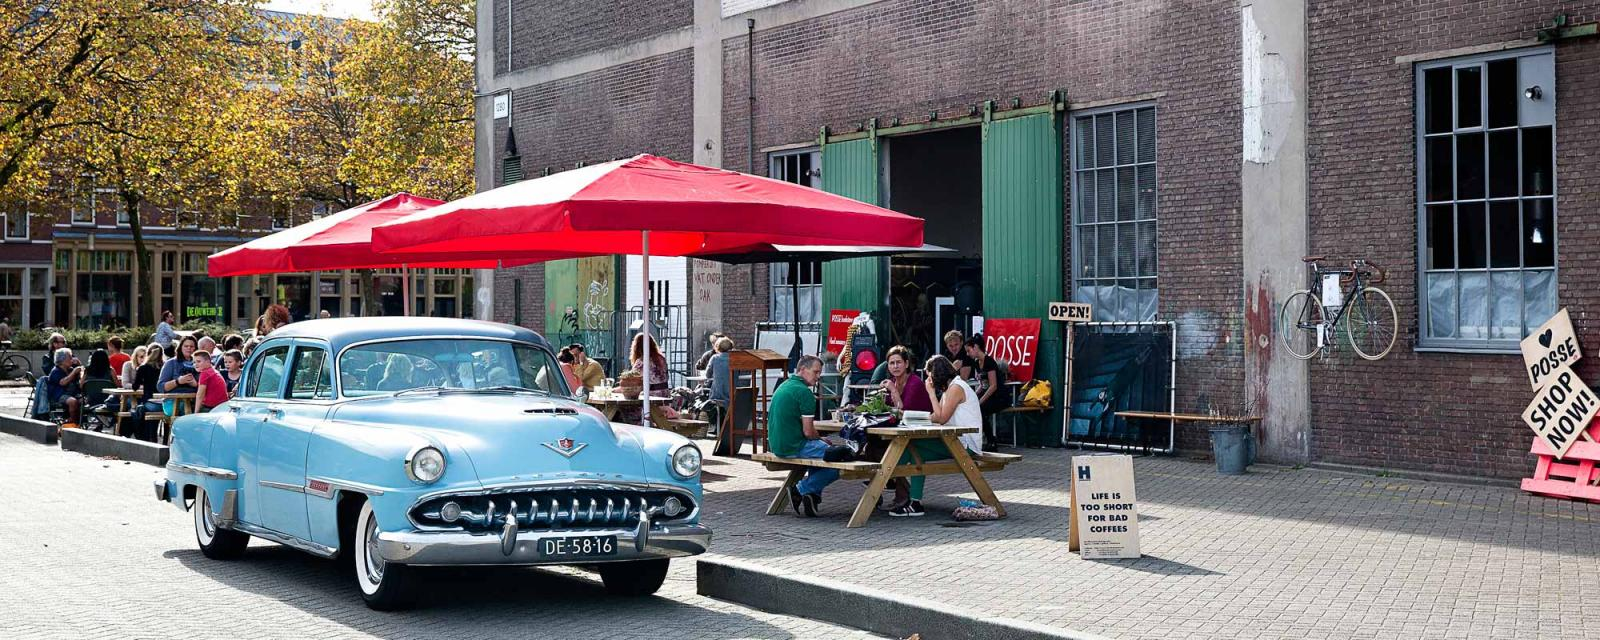 Katendrecht is een leuke wijk in rotterdam cityzapper for Wijk in rotterdam